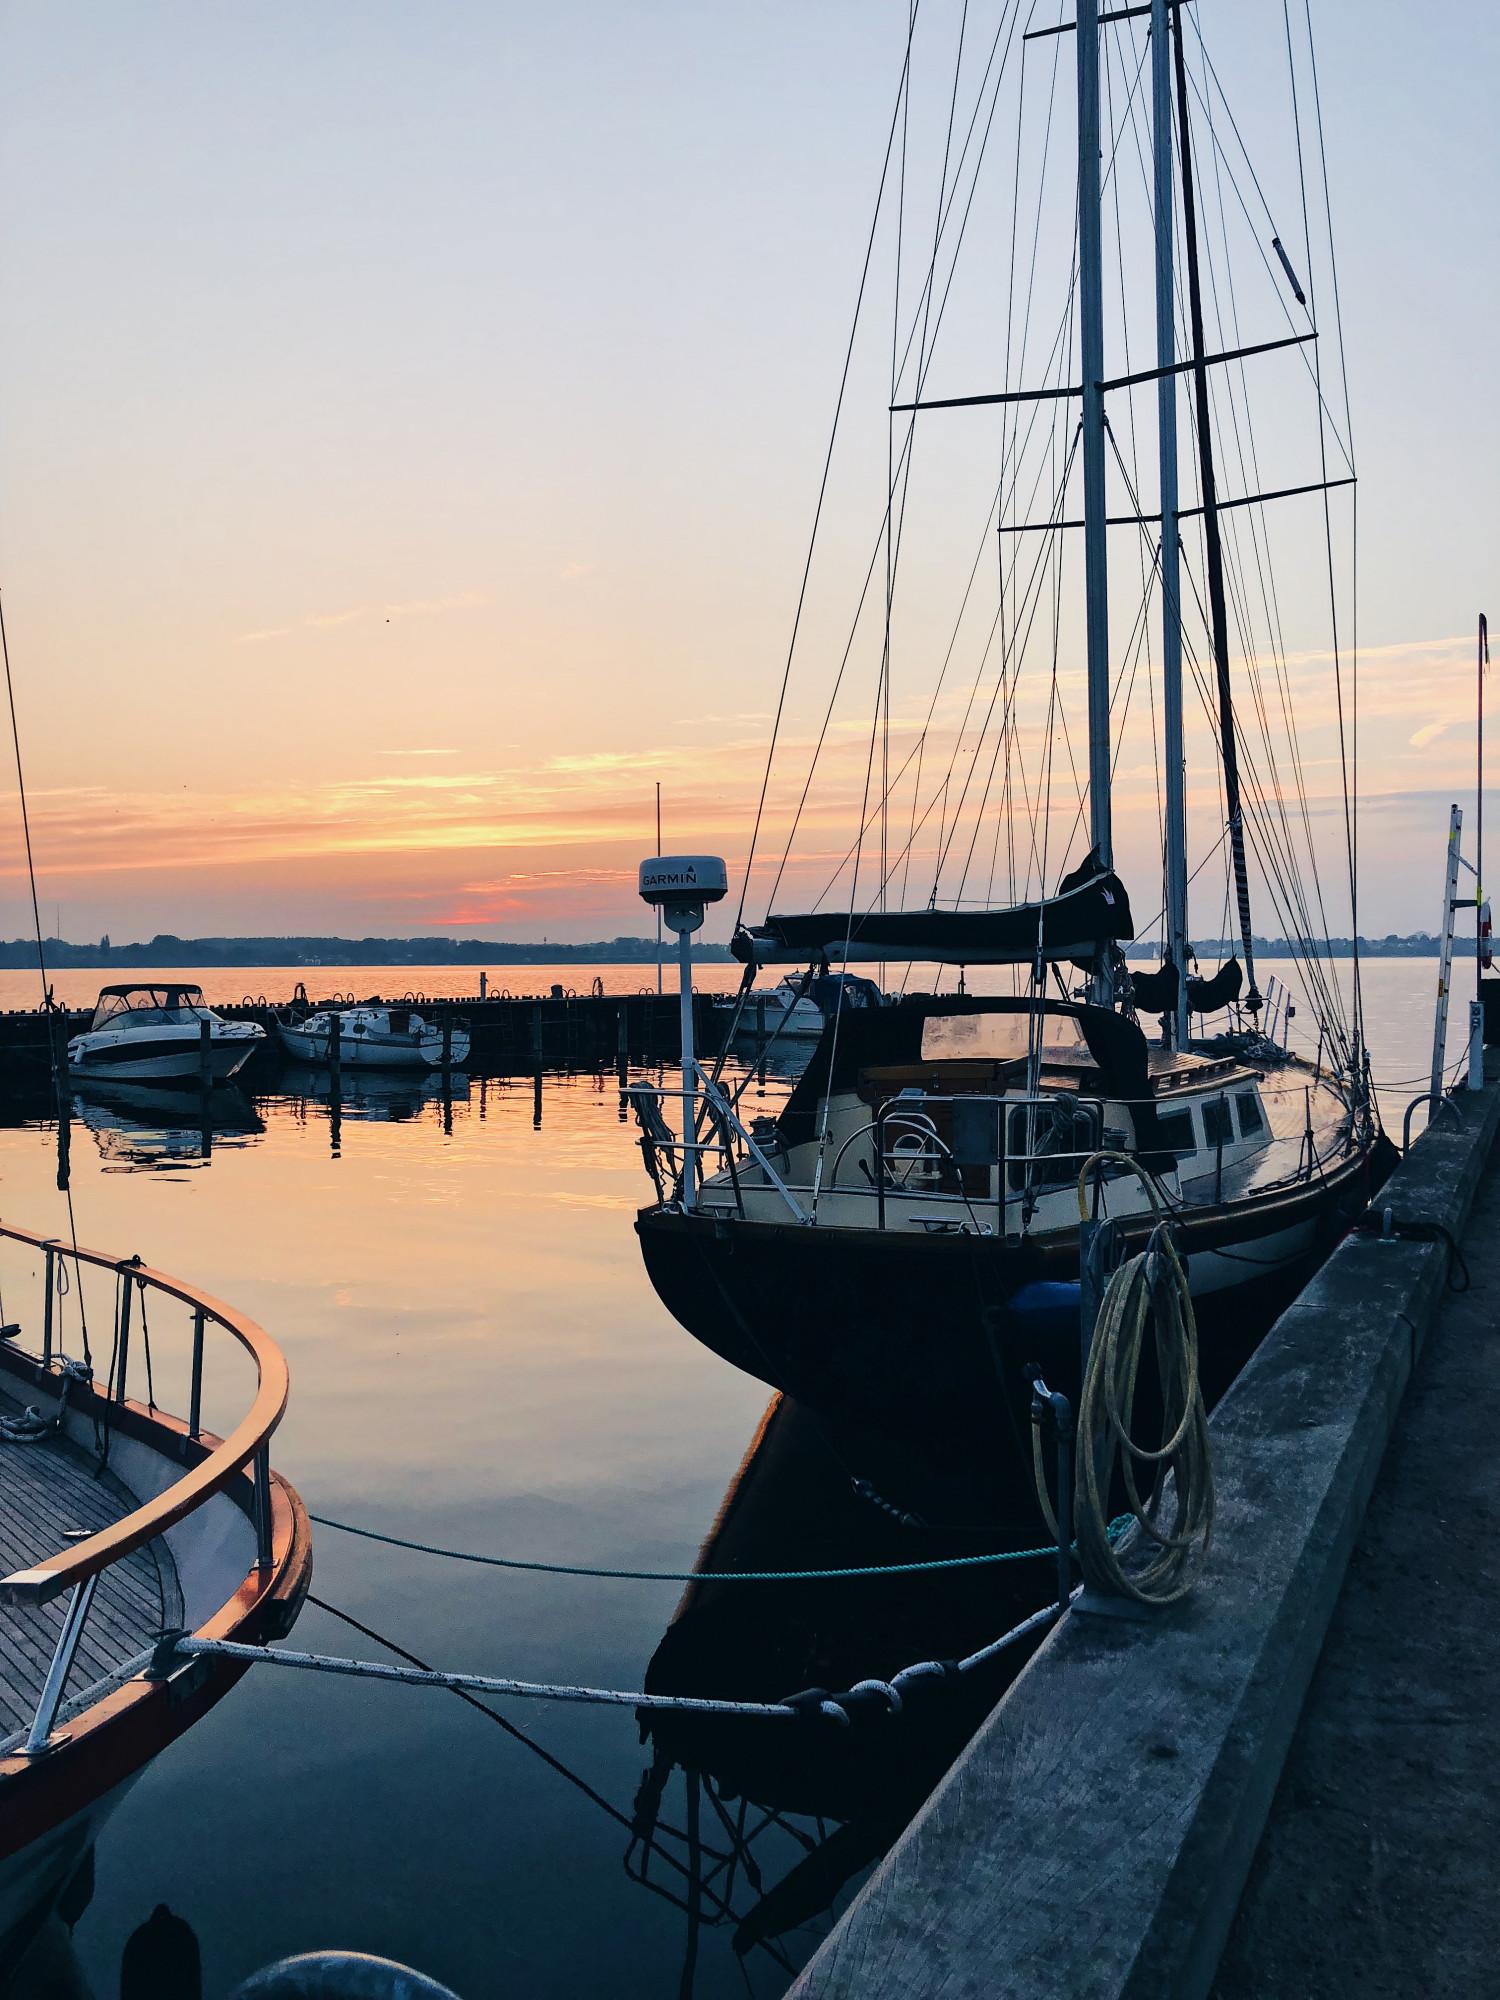 Strib havn